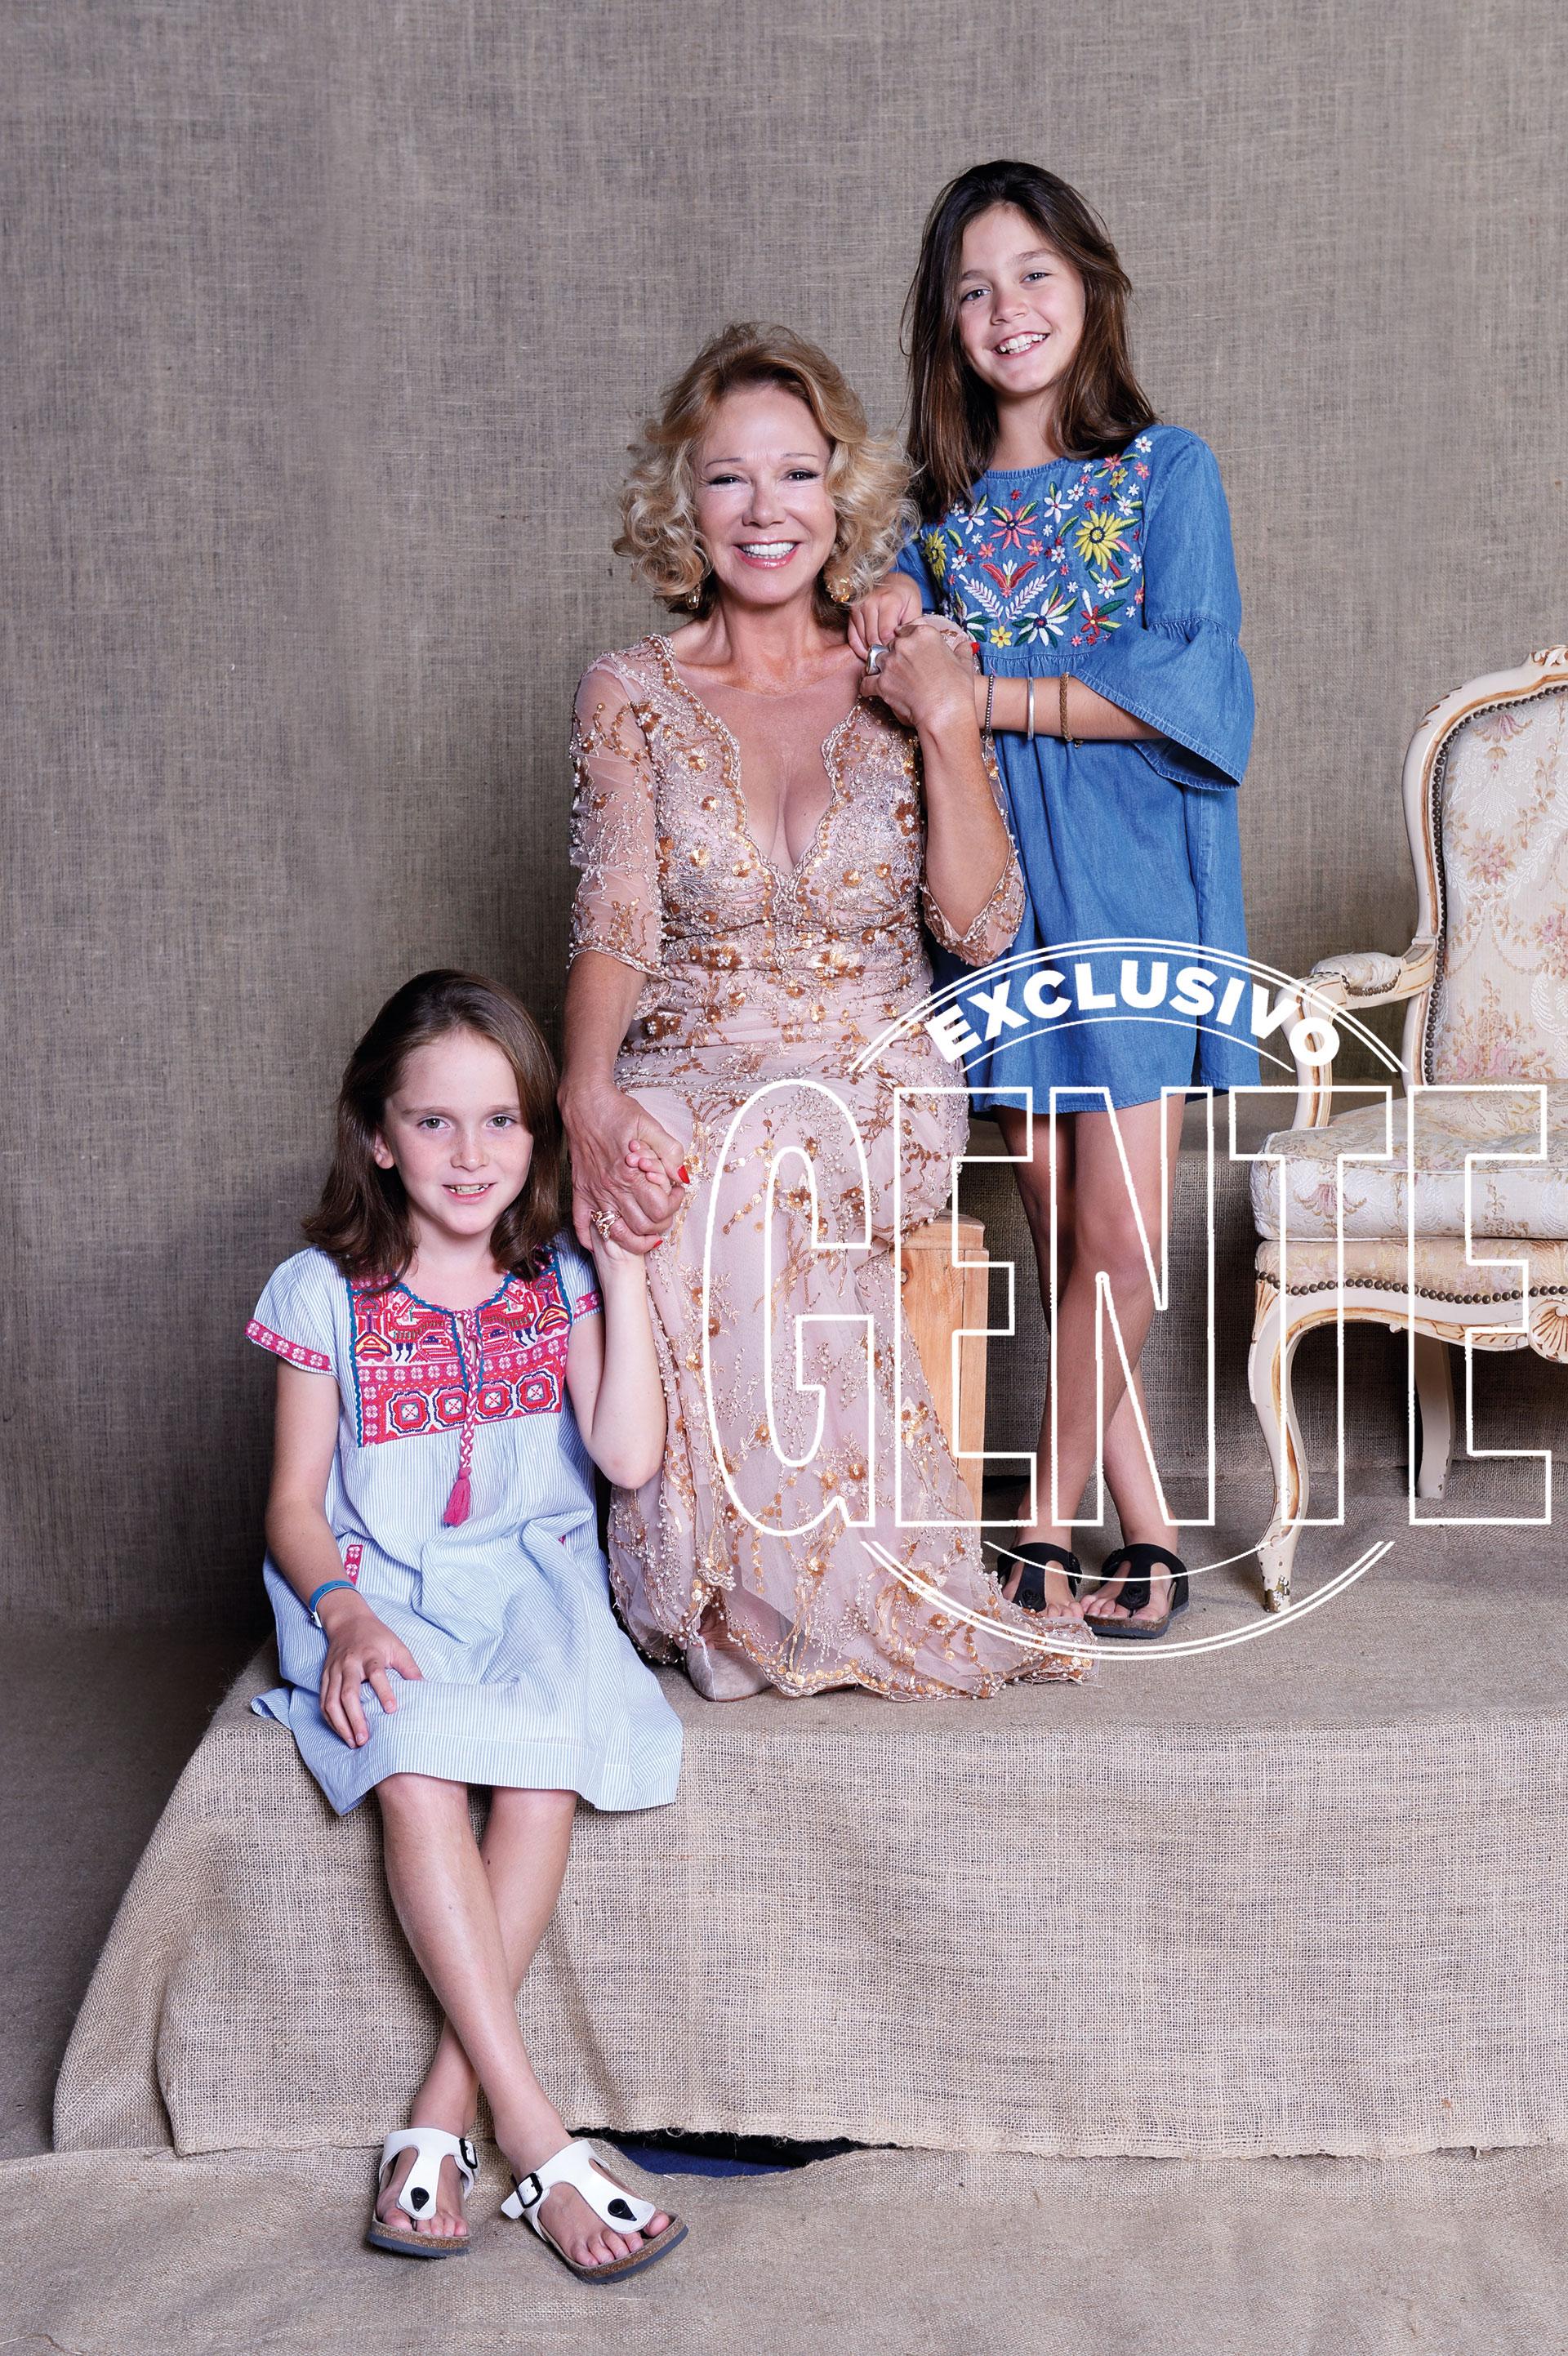 Solita junto a sus nietas, Inés y Clara, quienes jugaron a enseñarle a posar.